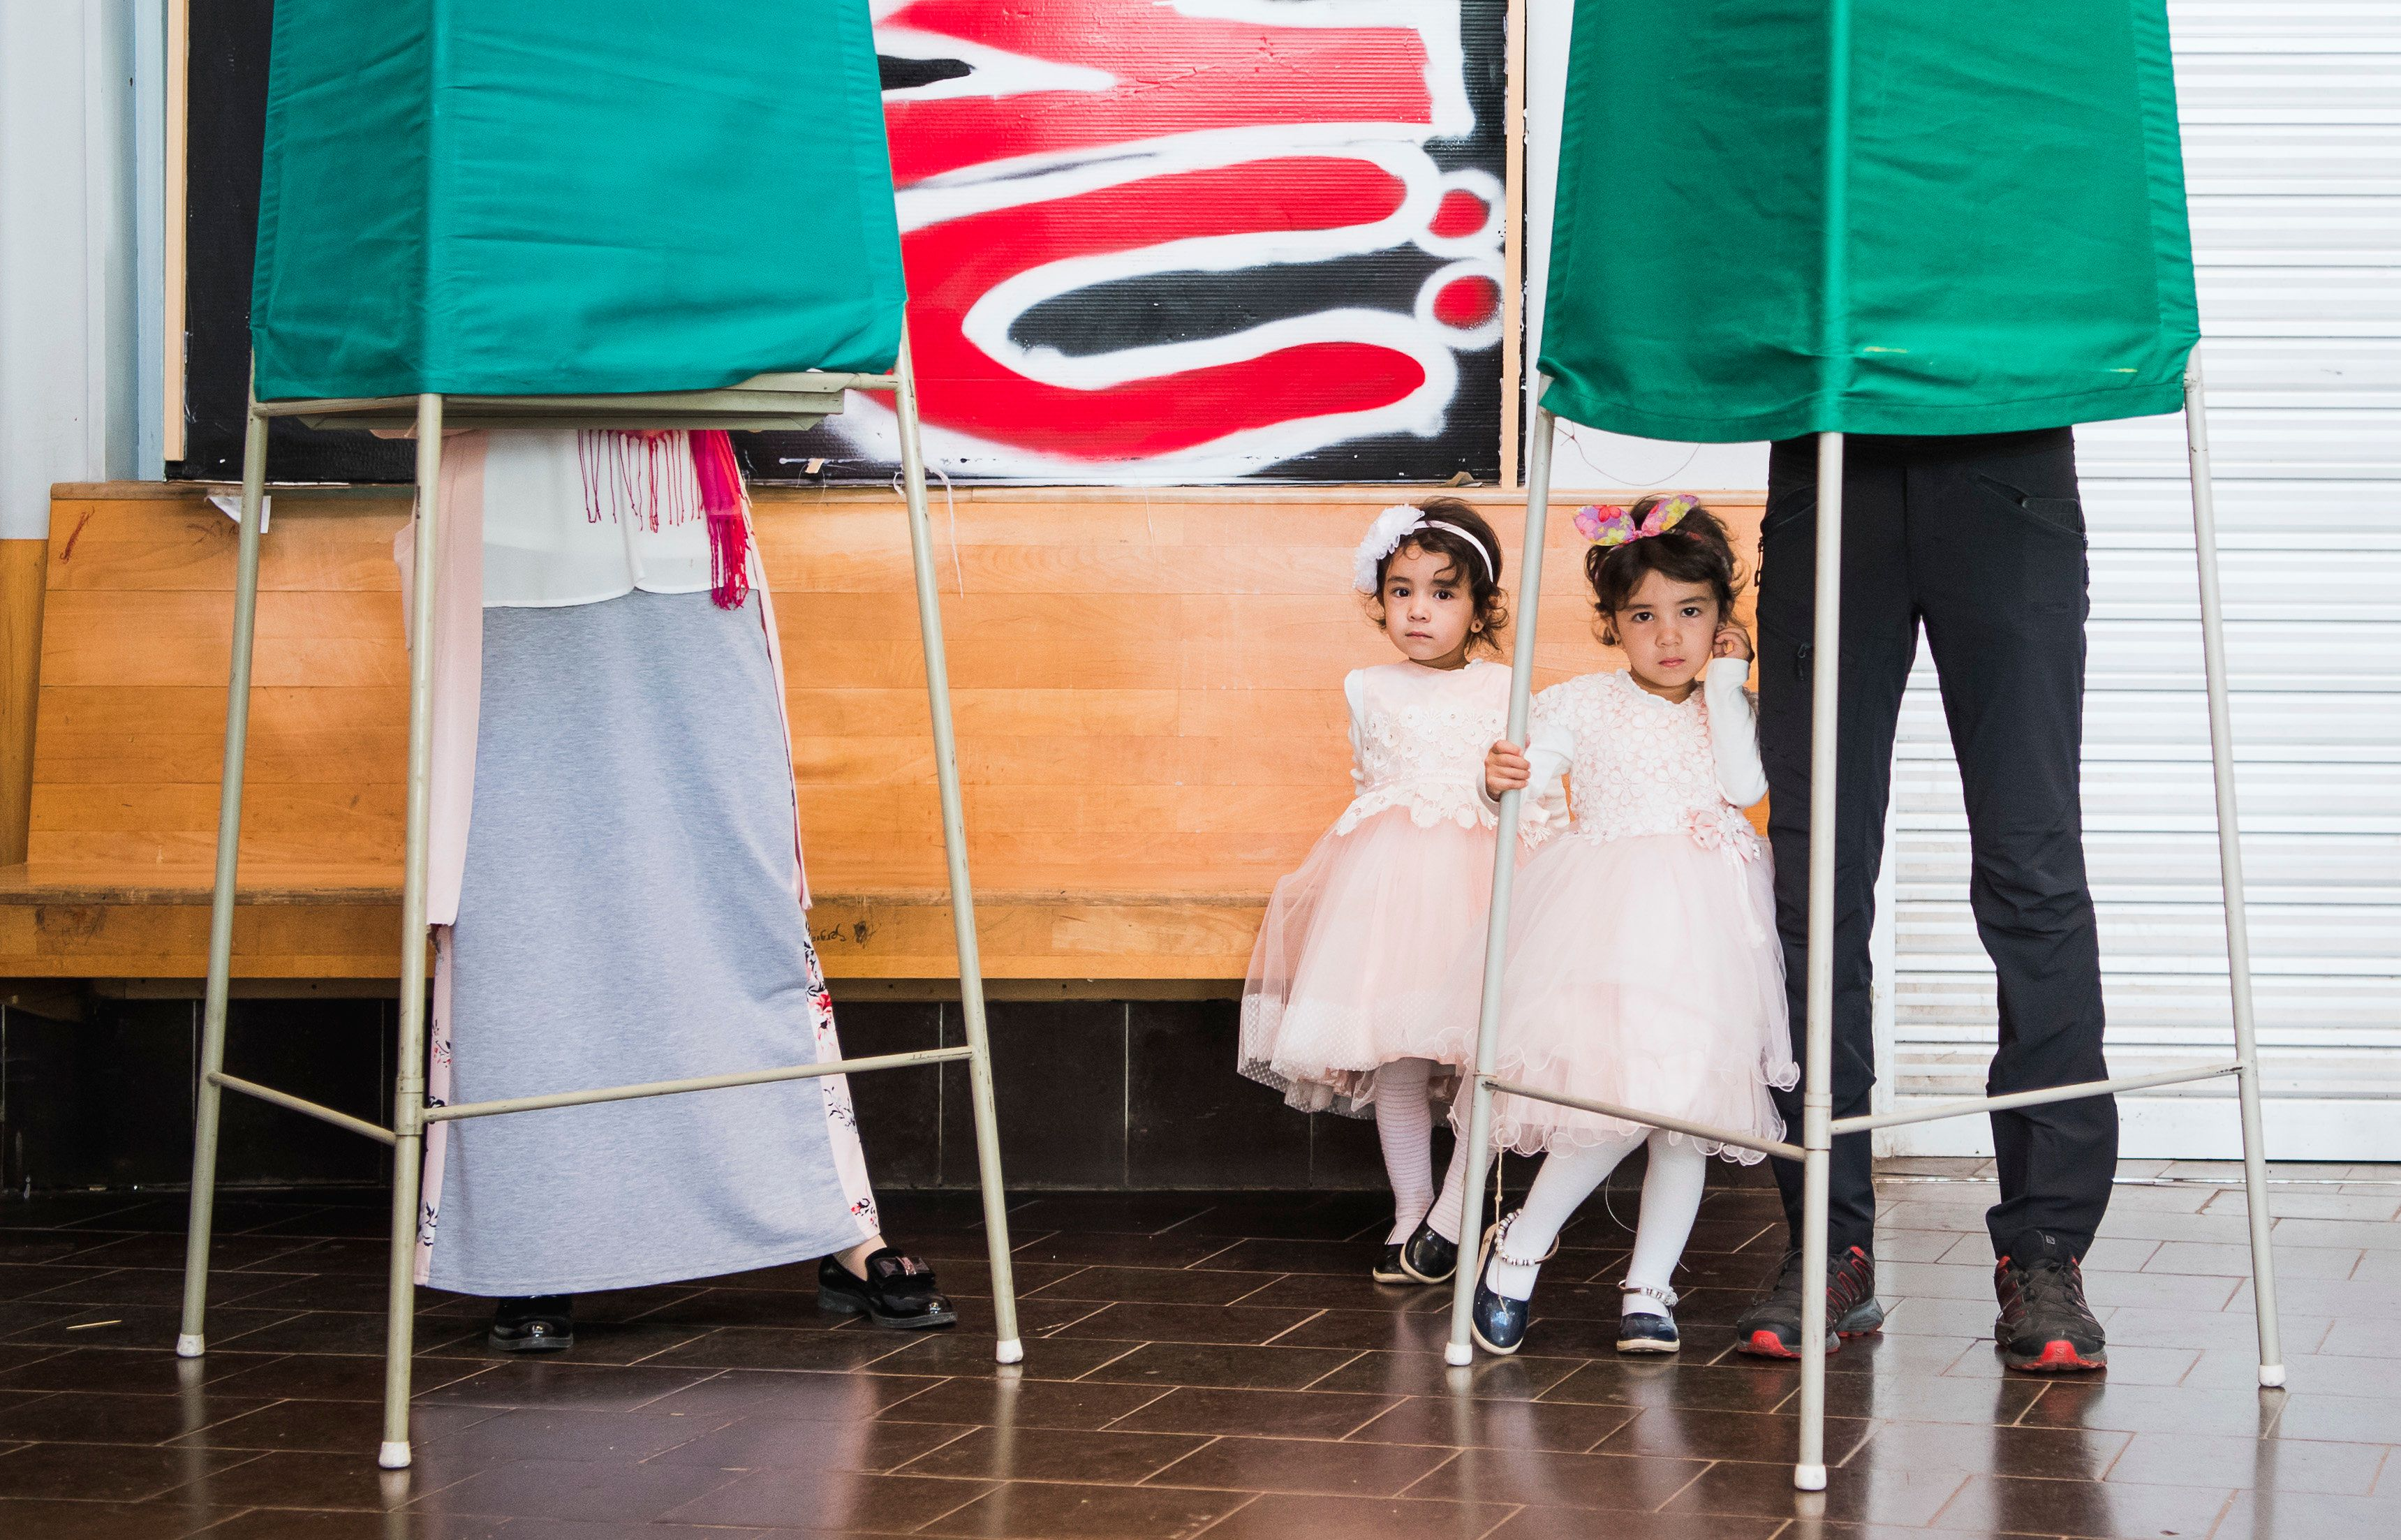 Εκλογές στη Σουηδία: Αυξάνει τα ποσοστά της η ακροδεξιά- οριακό προβάδισμα της κεντροαριστεράς έναντι της